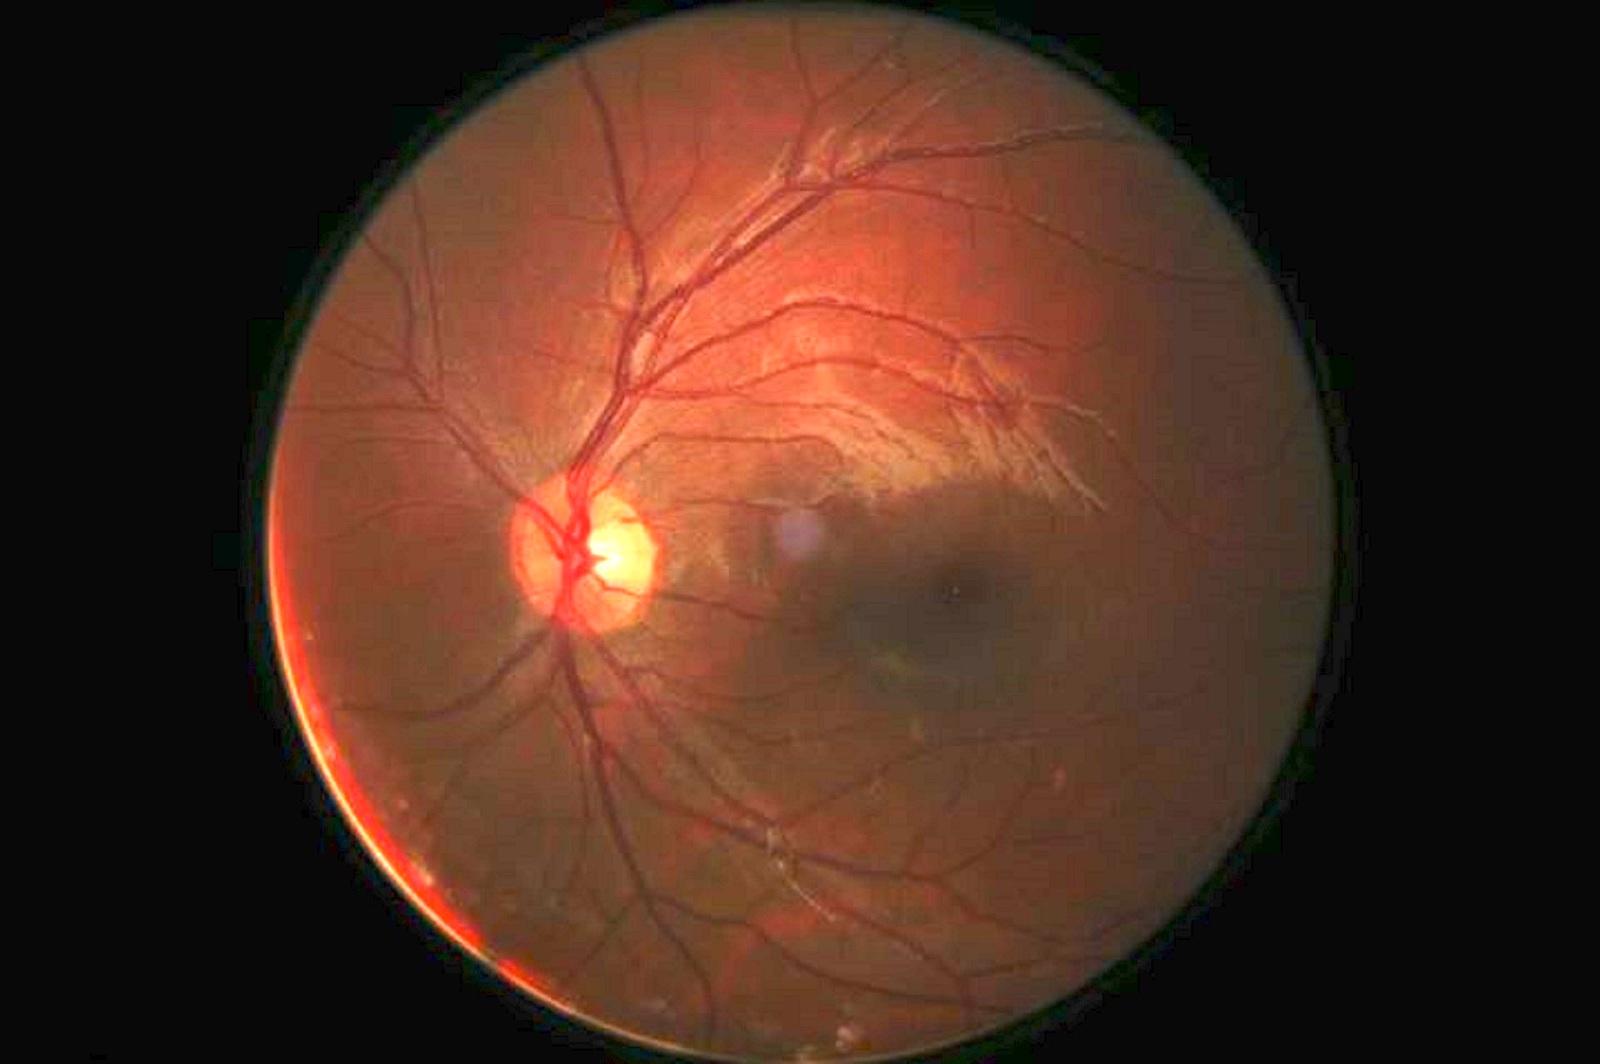 care nerv este responsabil pentru vedere